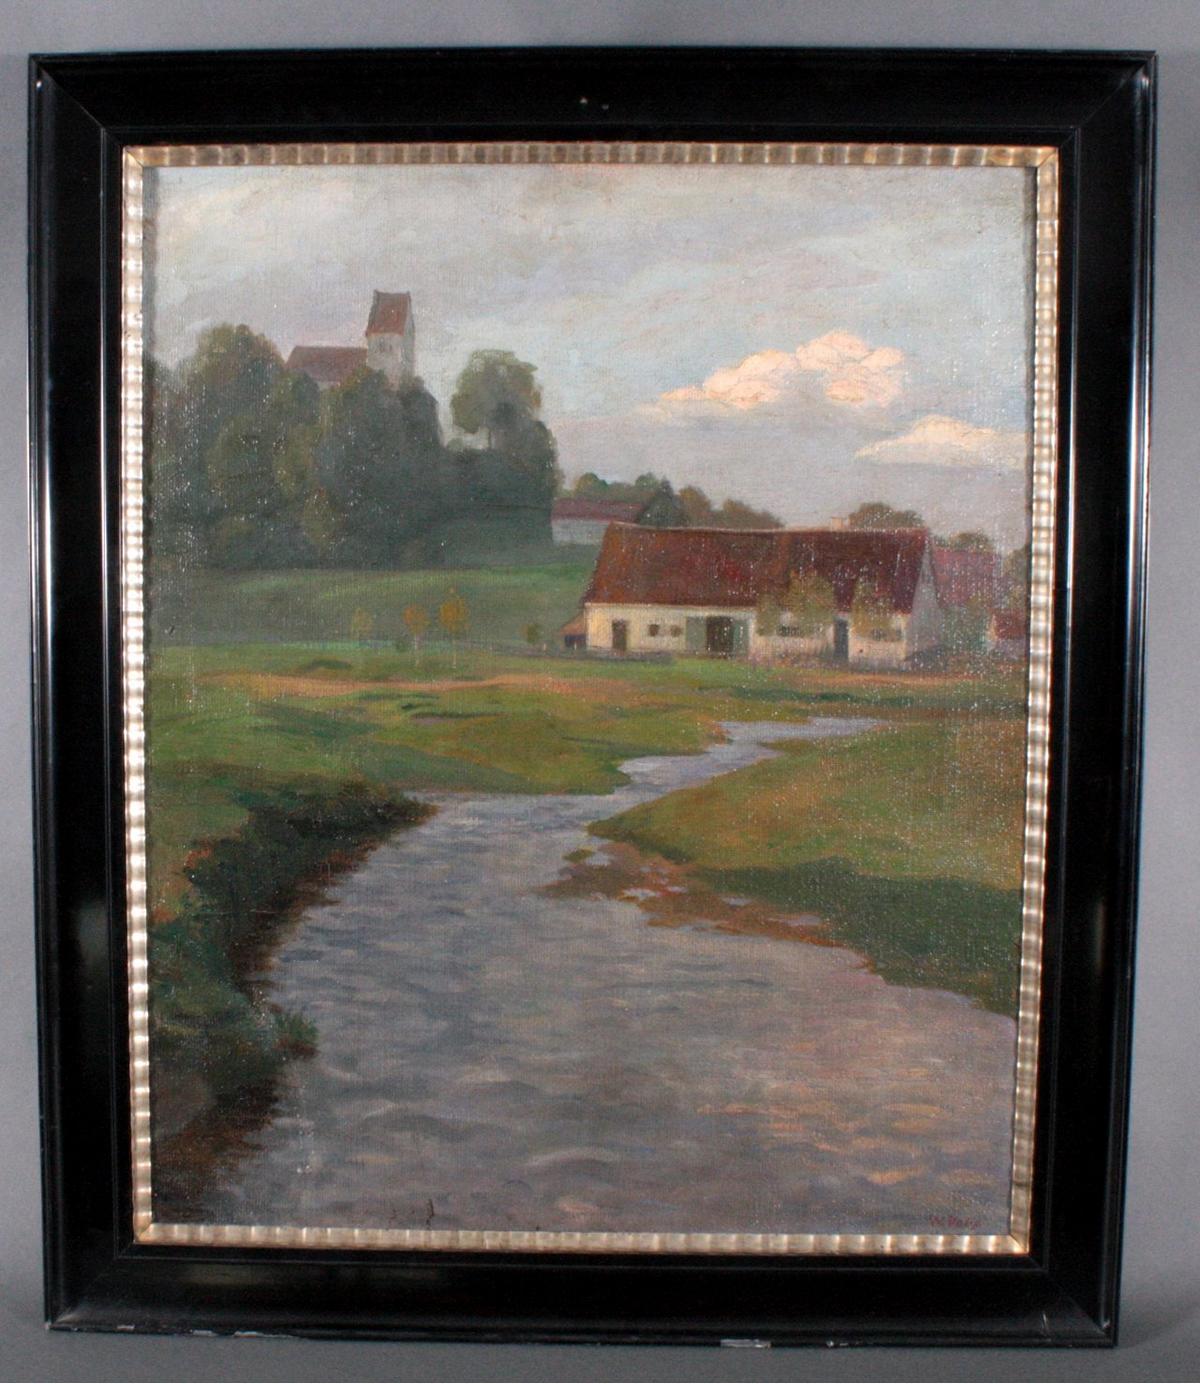 W. Volz (1855-1901).  'Landschaft mit Gebäuden und Flußlauf'